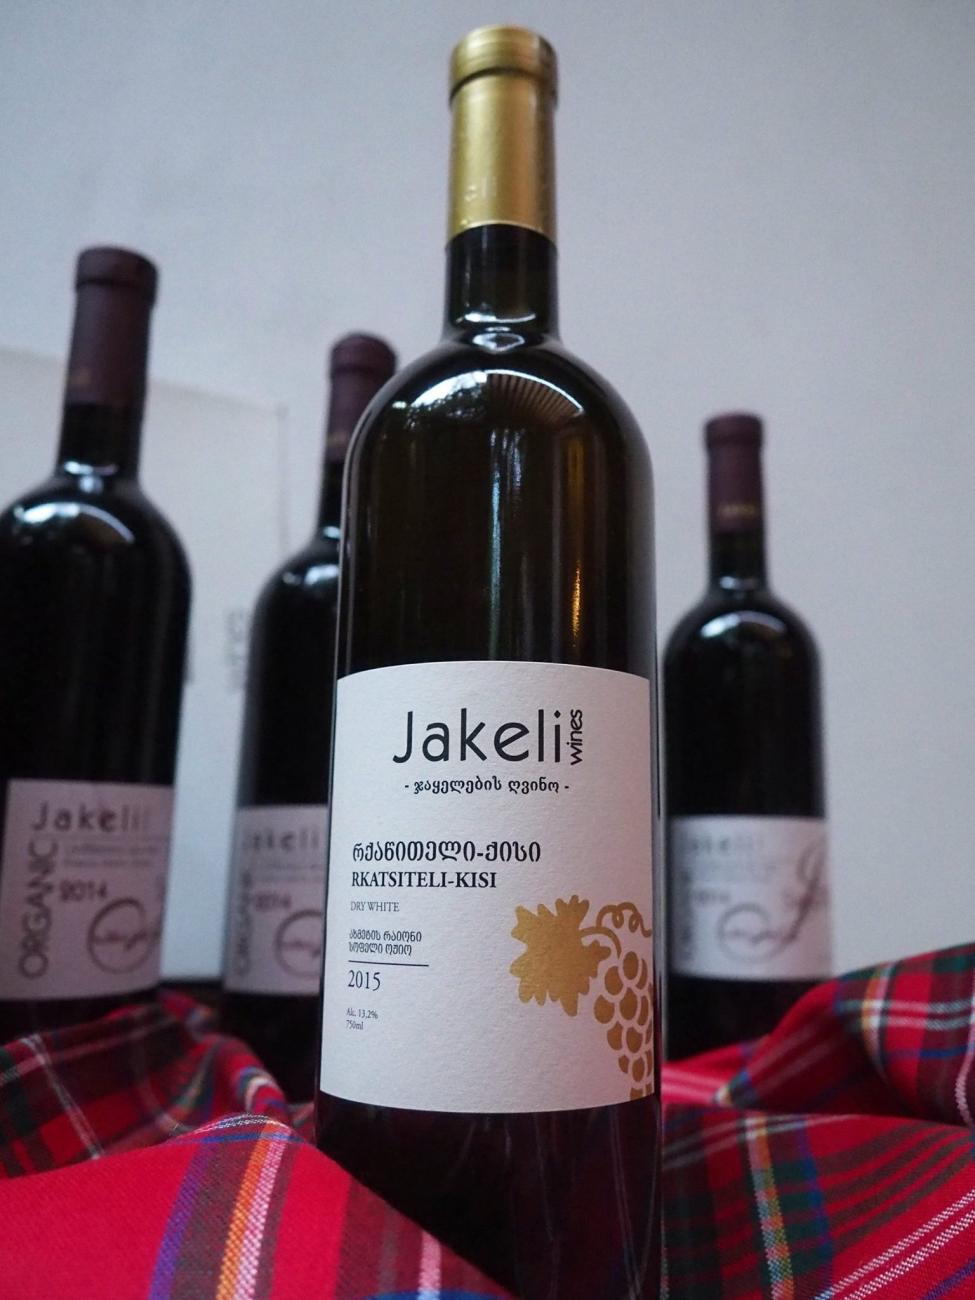 """http://eugeorgia.info/uploads/video_news/თელავში ახალი მარანი იხსნება - """"ჯაყელების ღვინო"""" აგროტურიზმში ერთვება"""